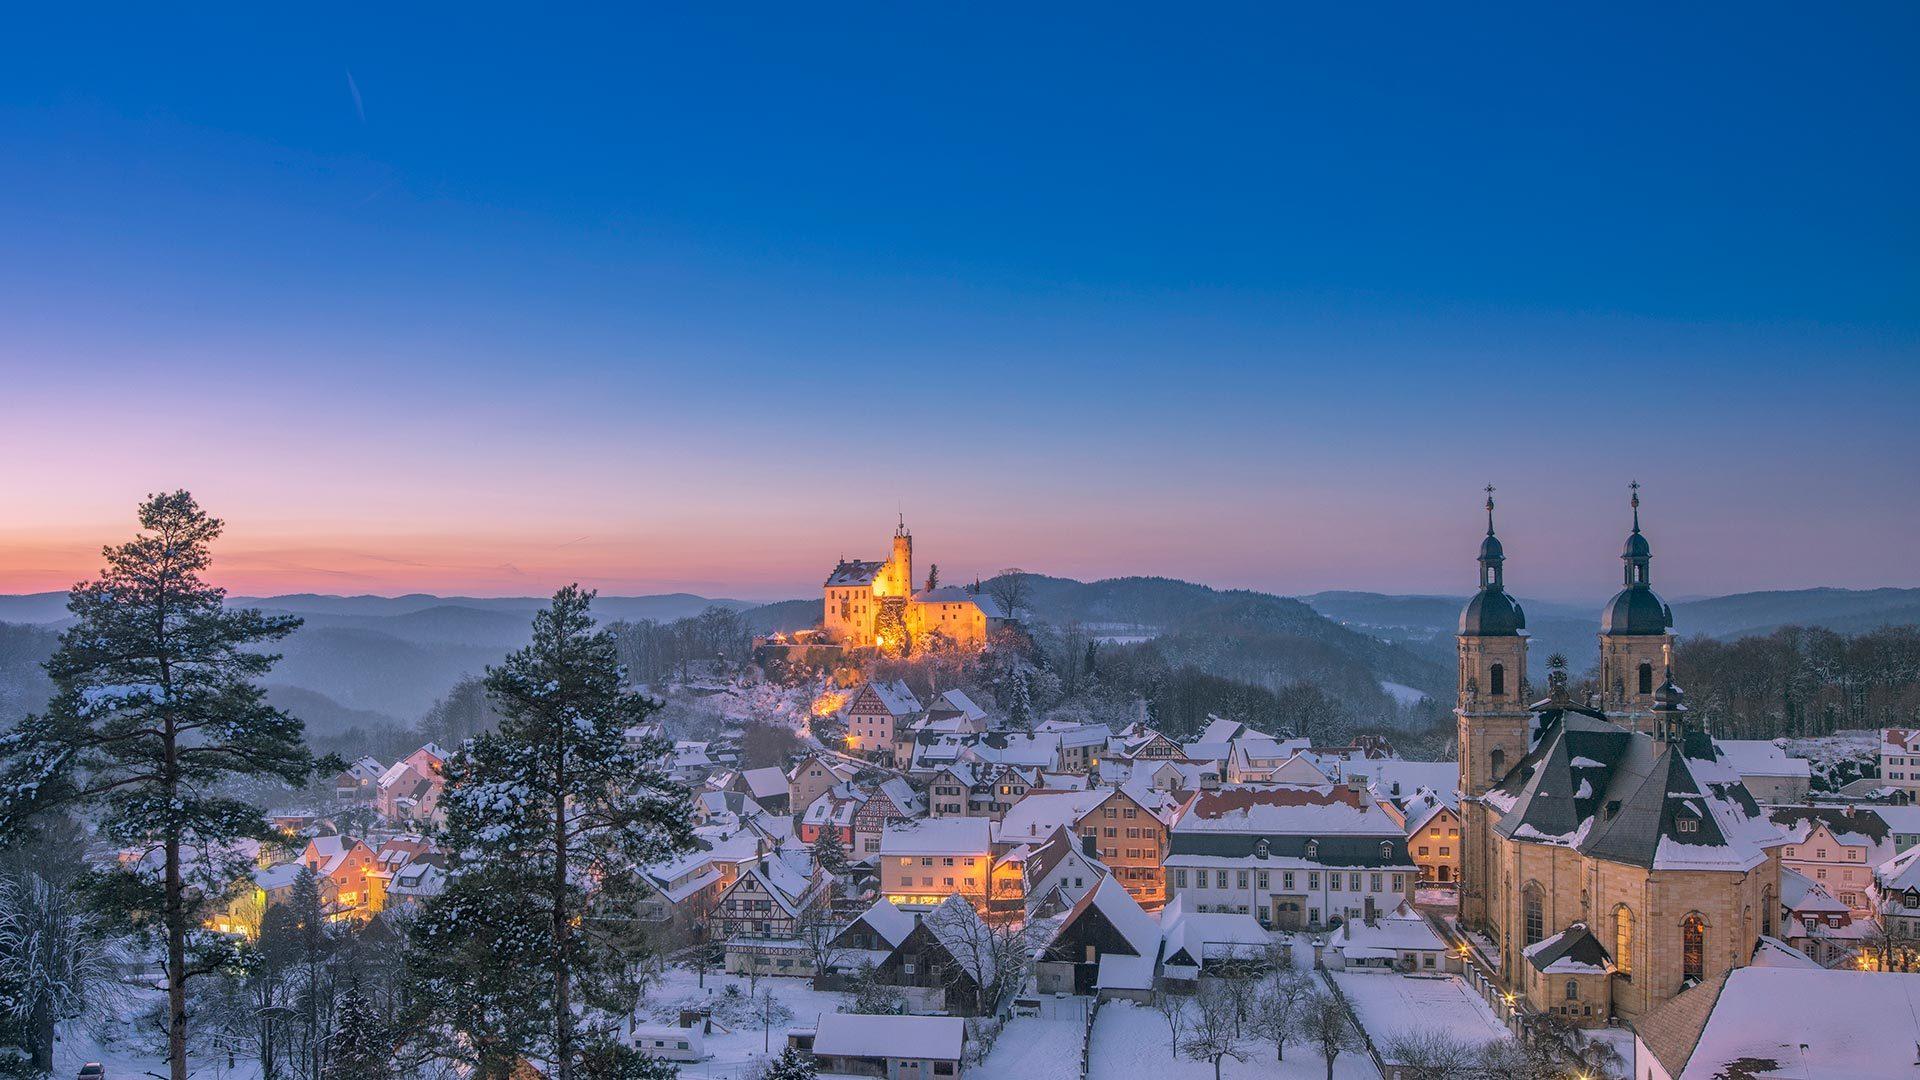 远眺格斯韦因斯泰因村和格斯韦因斯泰因城堡 格斯韦因斯泰因村